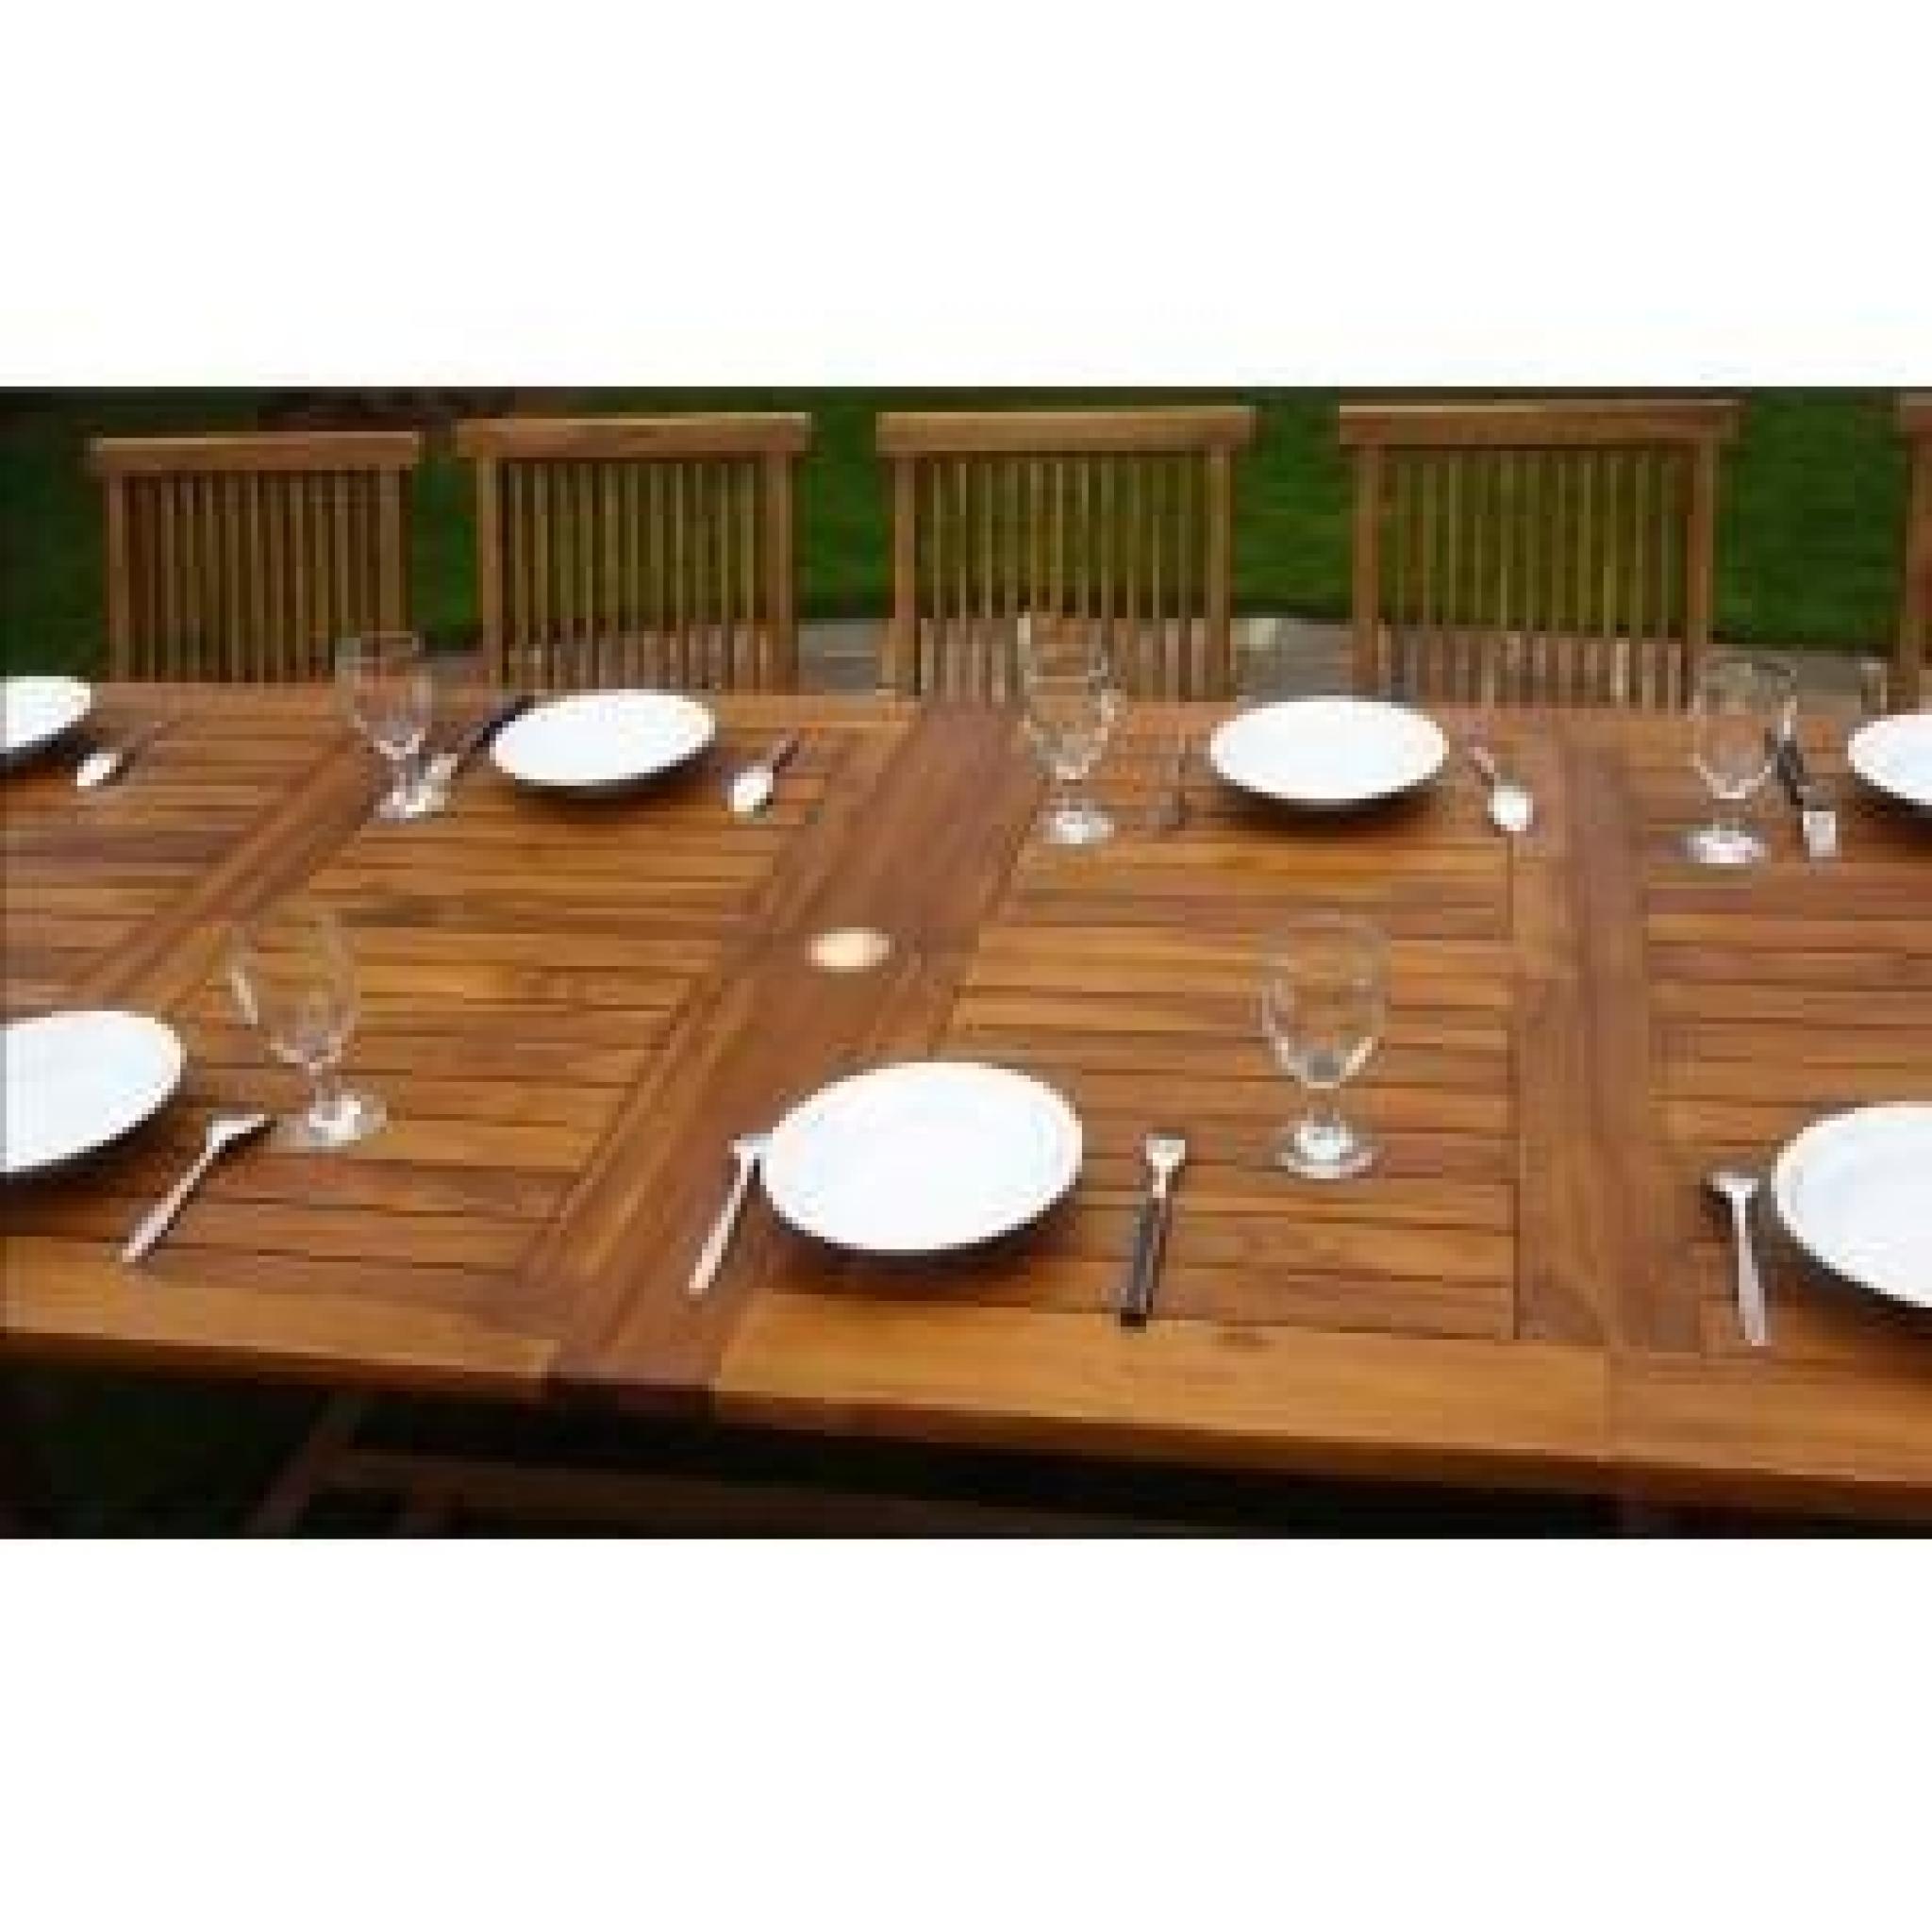 Table De Jardin En Teck Xxl Double Rallonge avec Table De Jardin Xxl